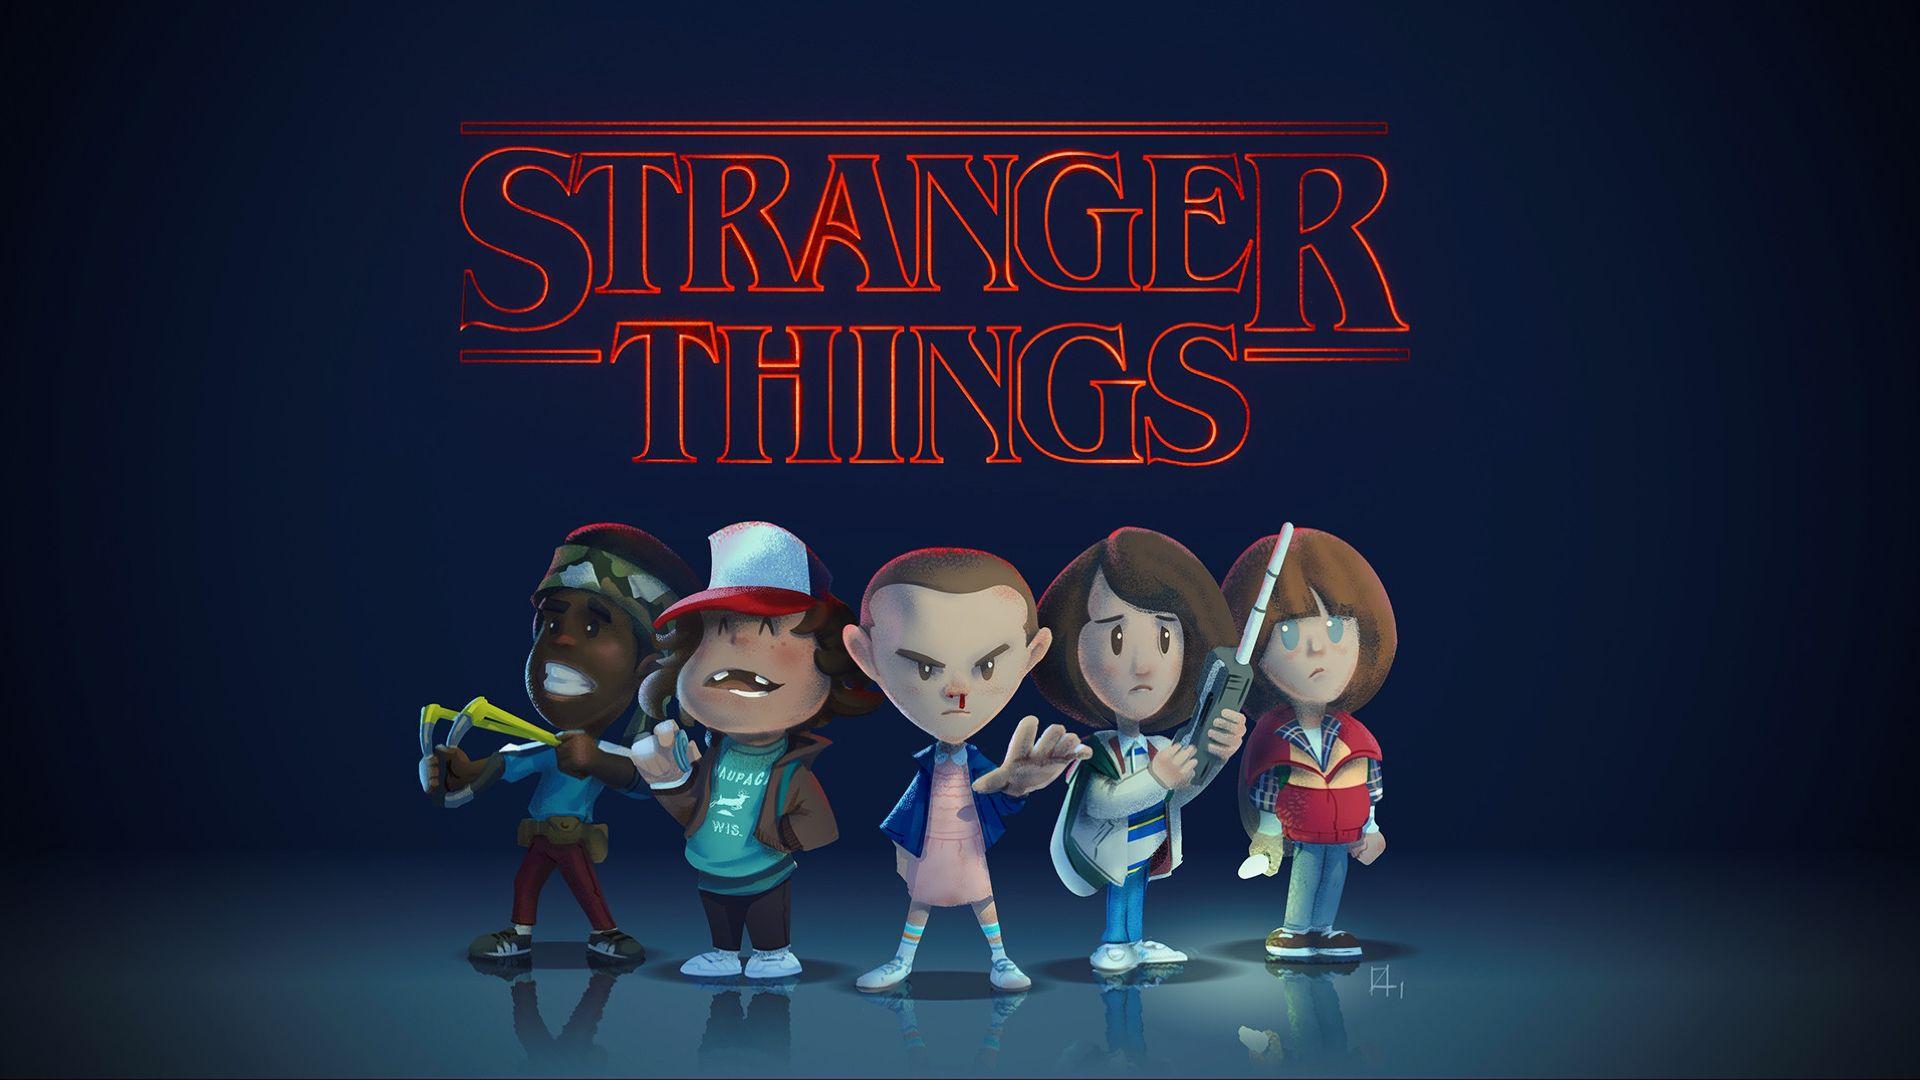 Image Result For Stranger Things Wallpaper Backgrounds Stranger